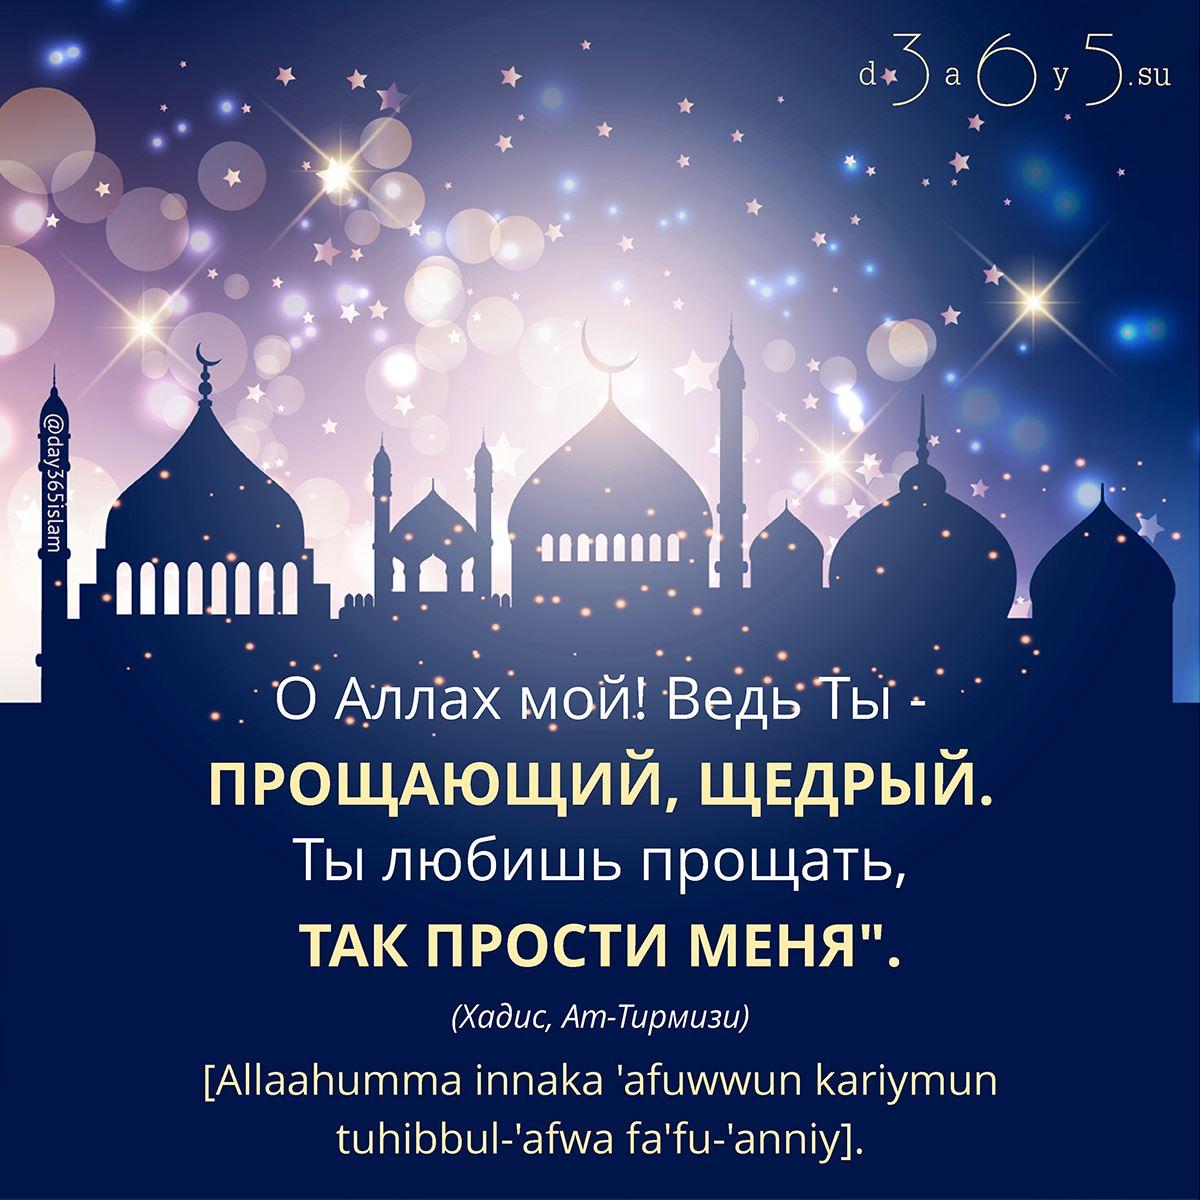 картинки с надписью прости аллах каталоге представлены фото